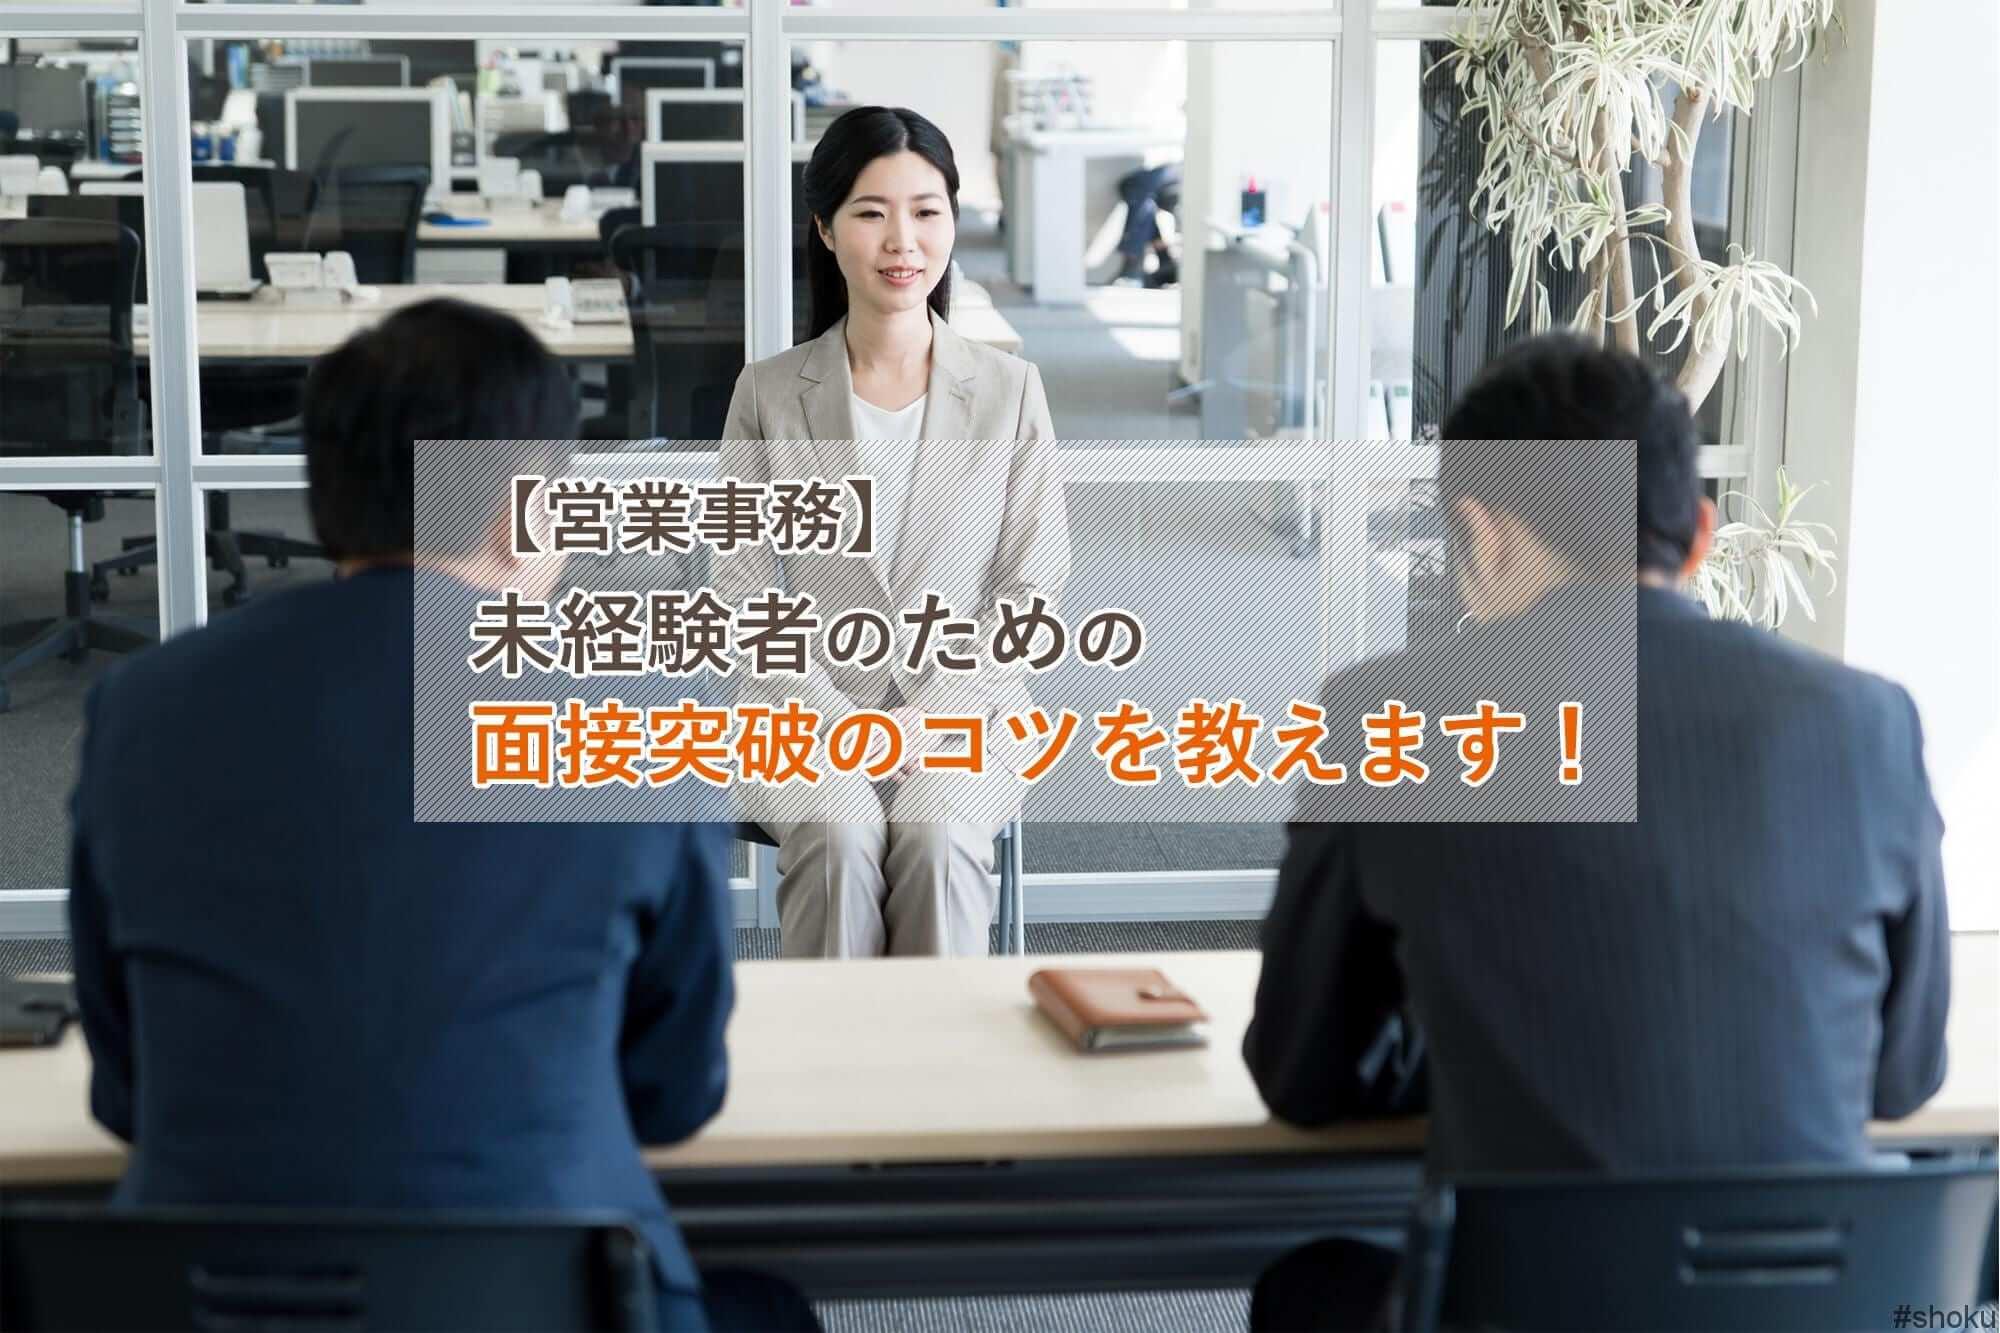 【営業事務】未経験者のための面接突破のコツを教えます!